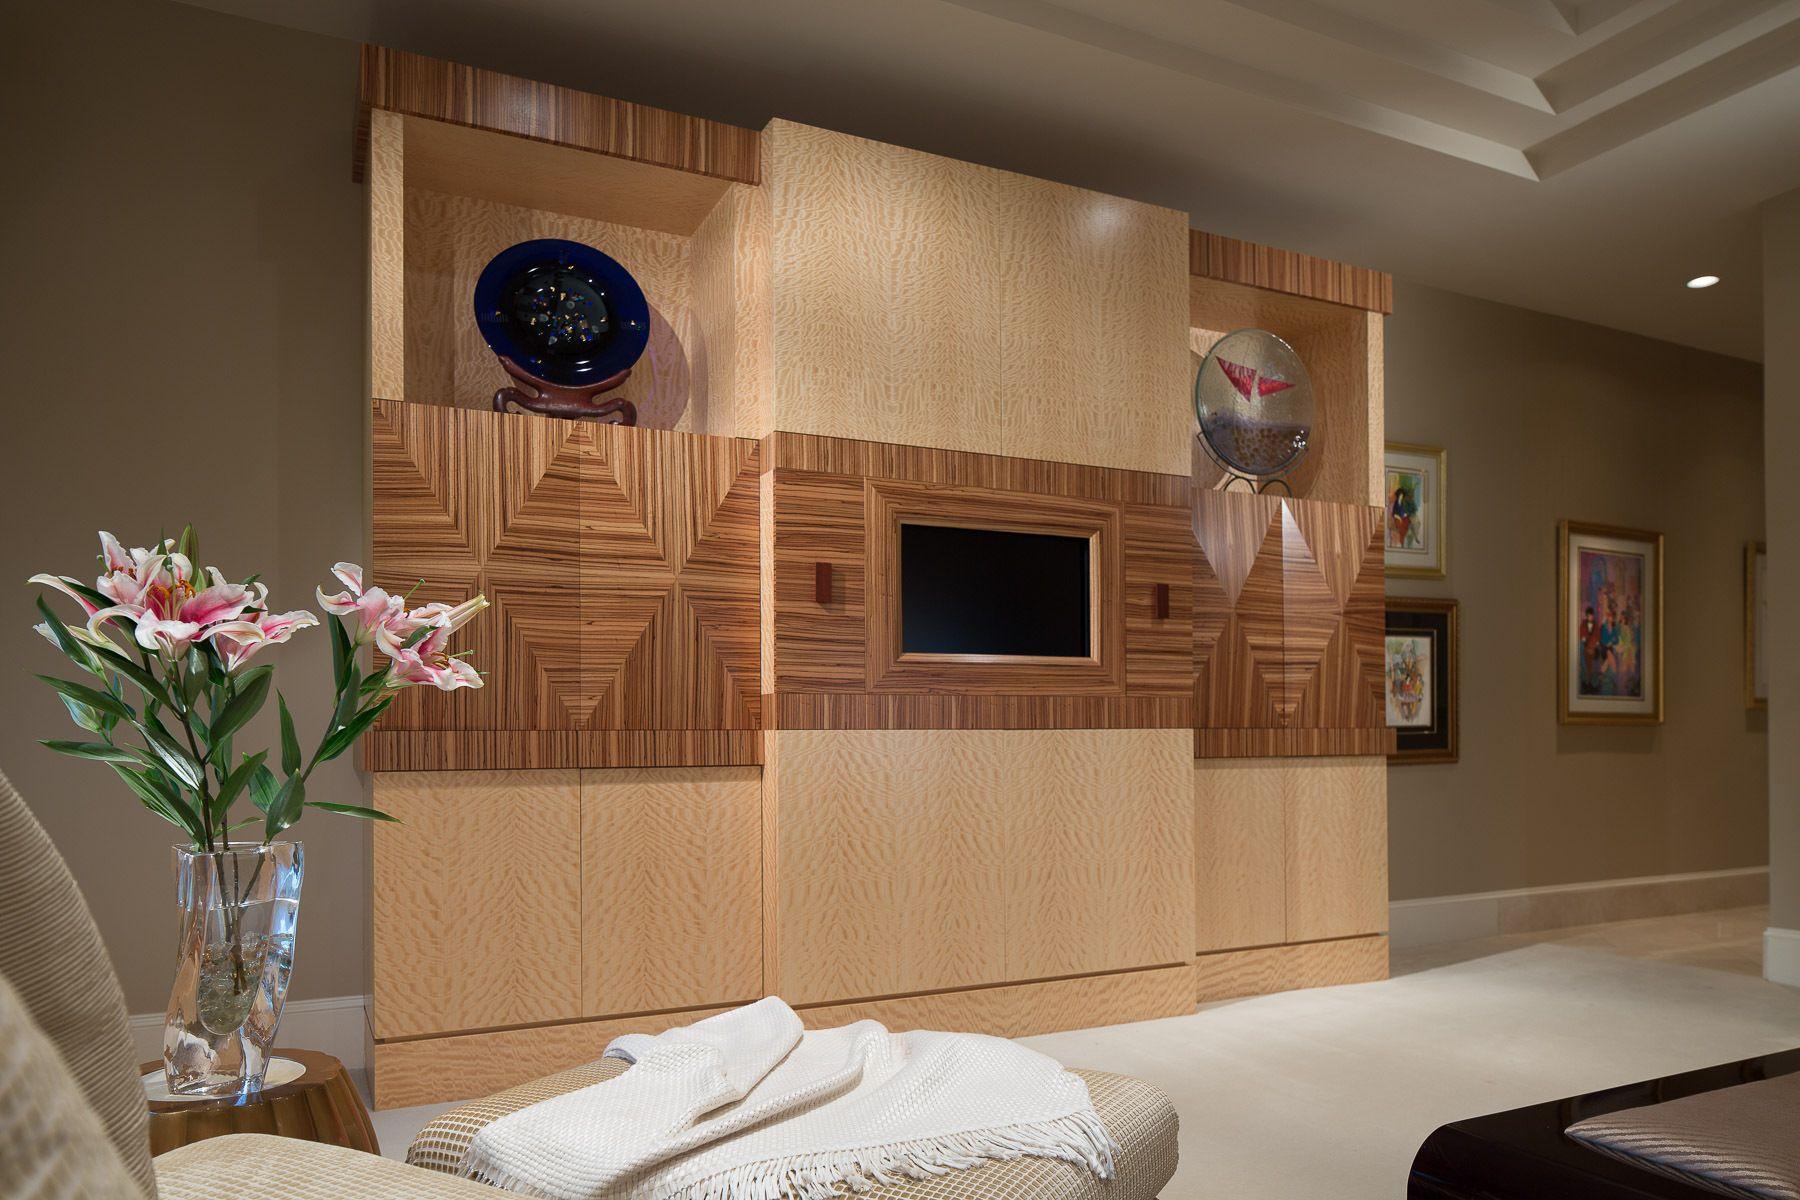 Kirsch Residence- Master Bedroom